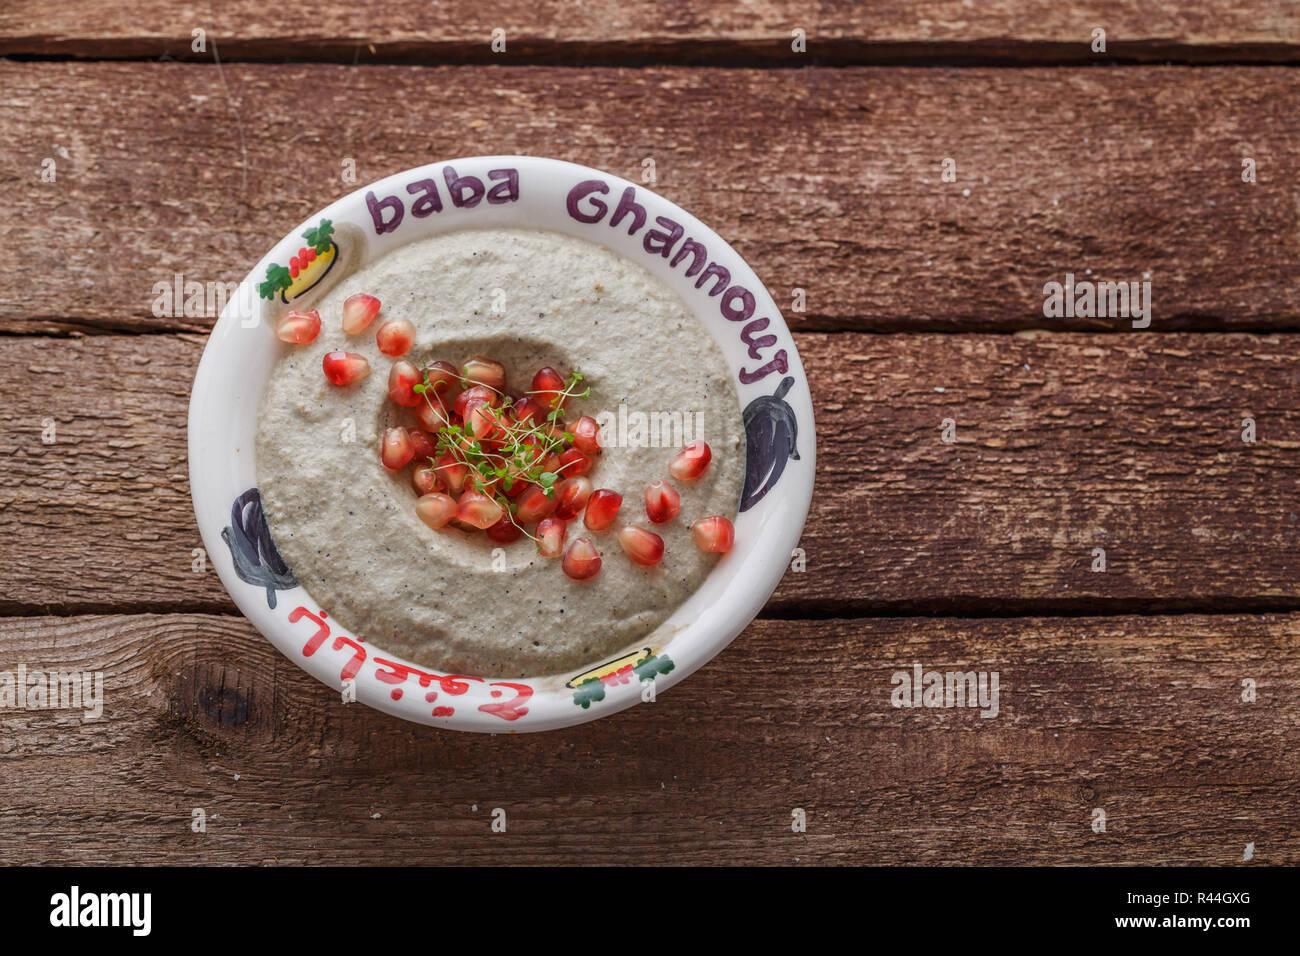 Baba ganoush stock photos baba ganoush stock images alamy